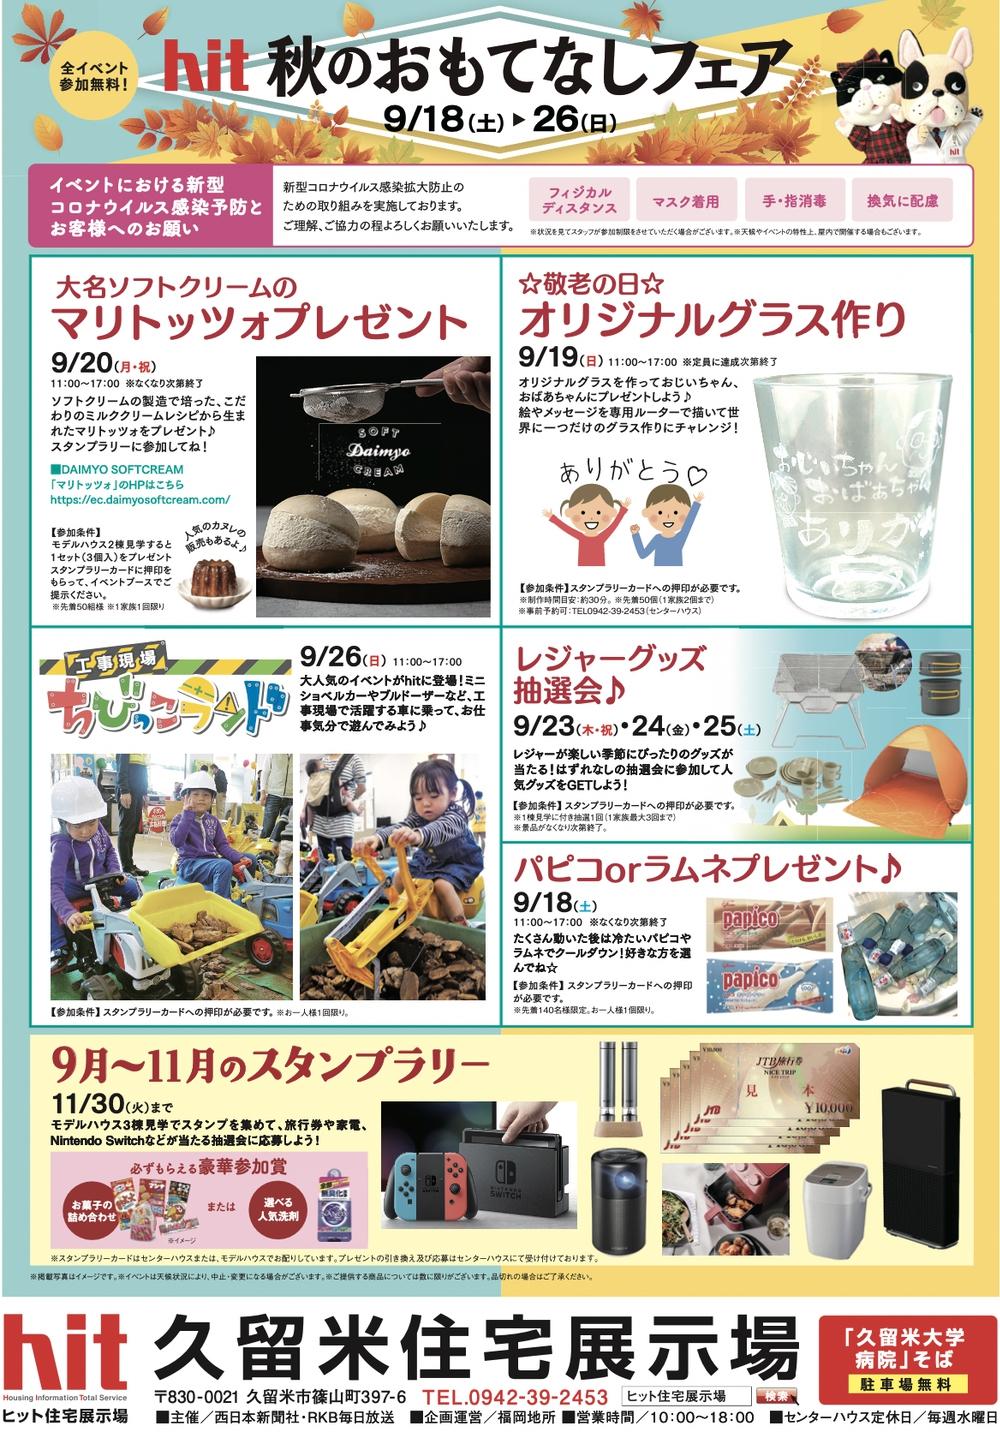 ヒット久留米展示場 秋のおもてなしフェア マリトッツォプレゼントやオリジナルグラス作りなど開催